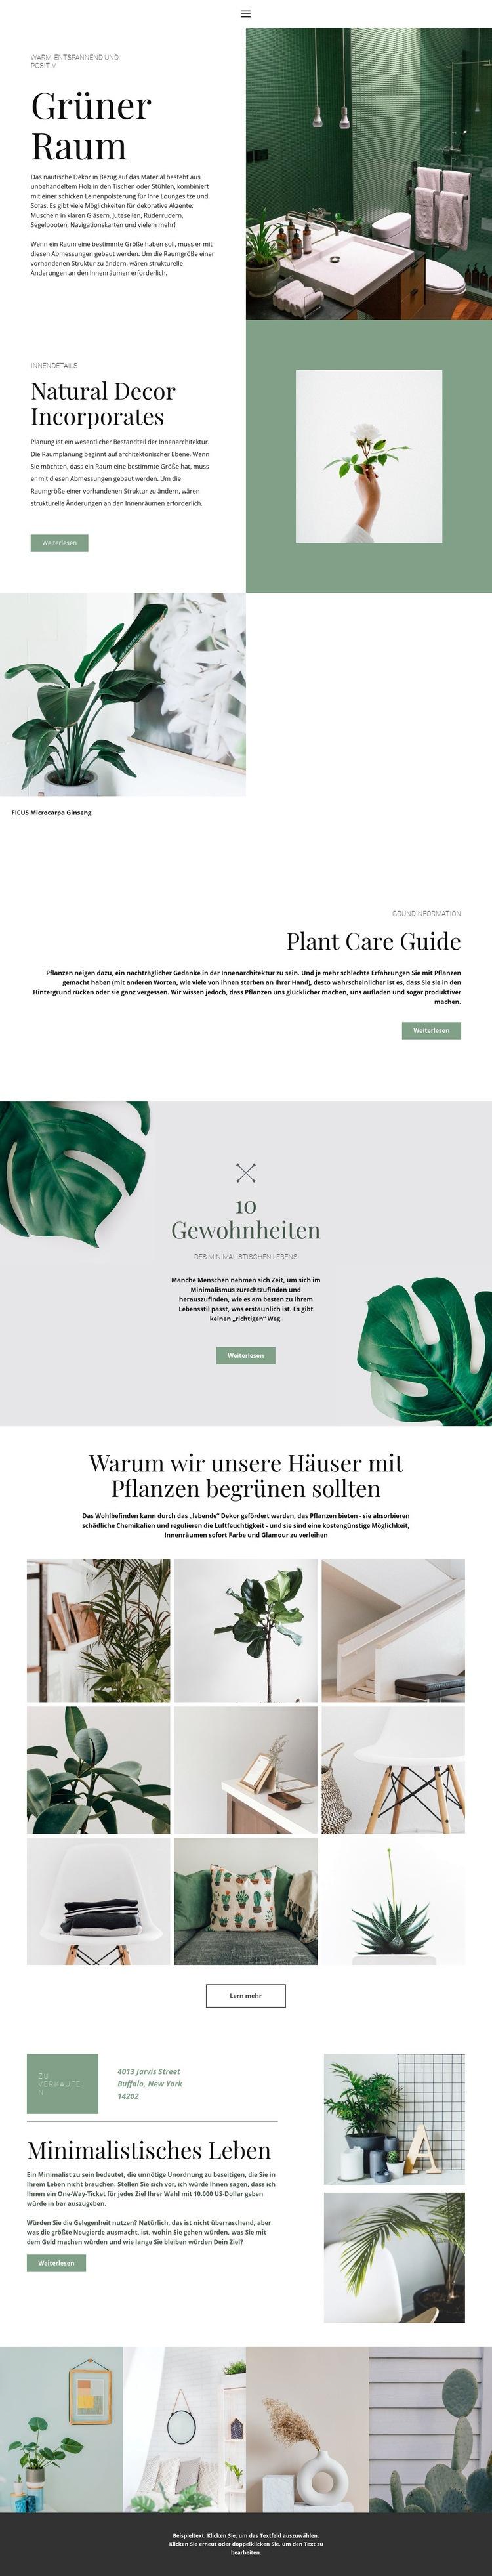 Grüne Details zu Hause Website-Vorlage